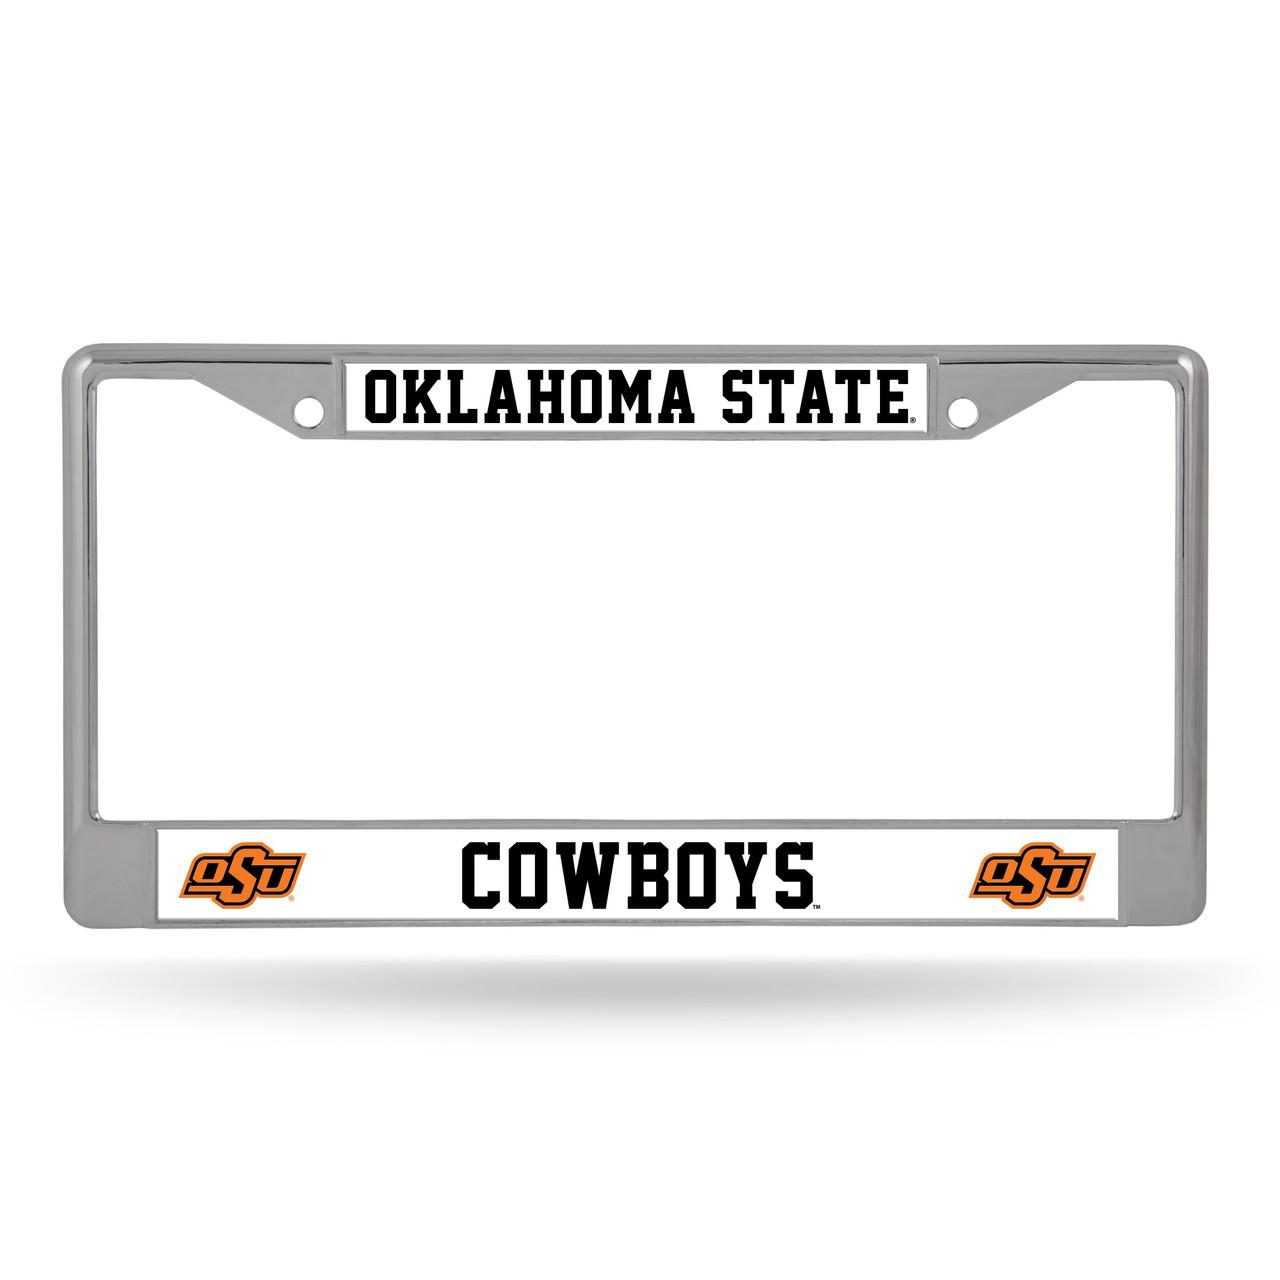 Oklahoma State Cowboys License Plate Frame Chrome Alternate Design